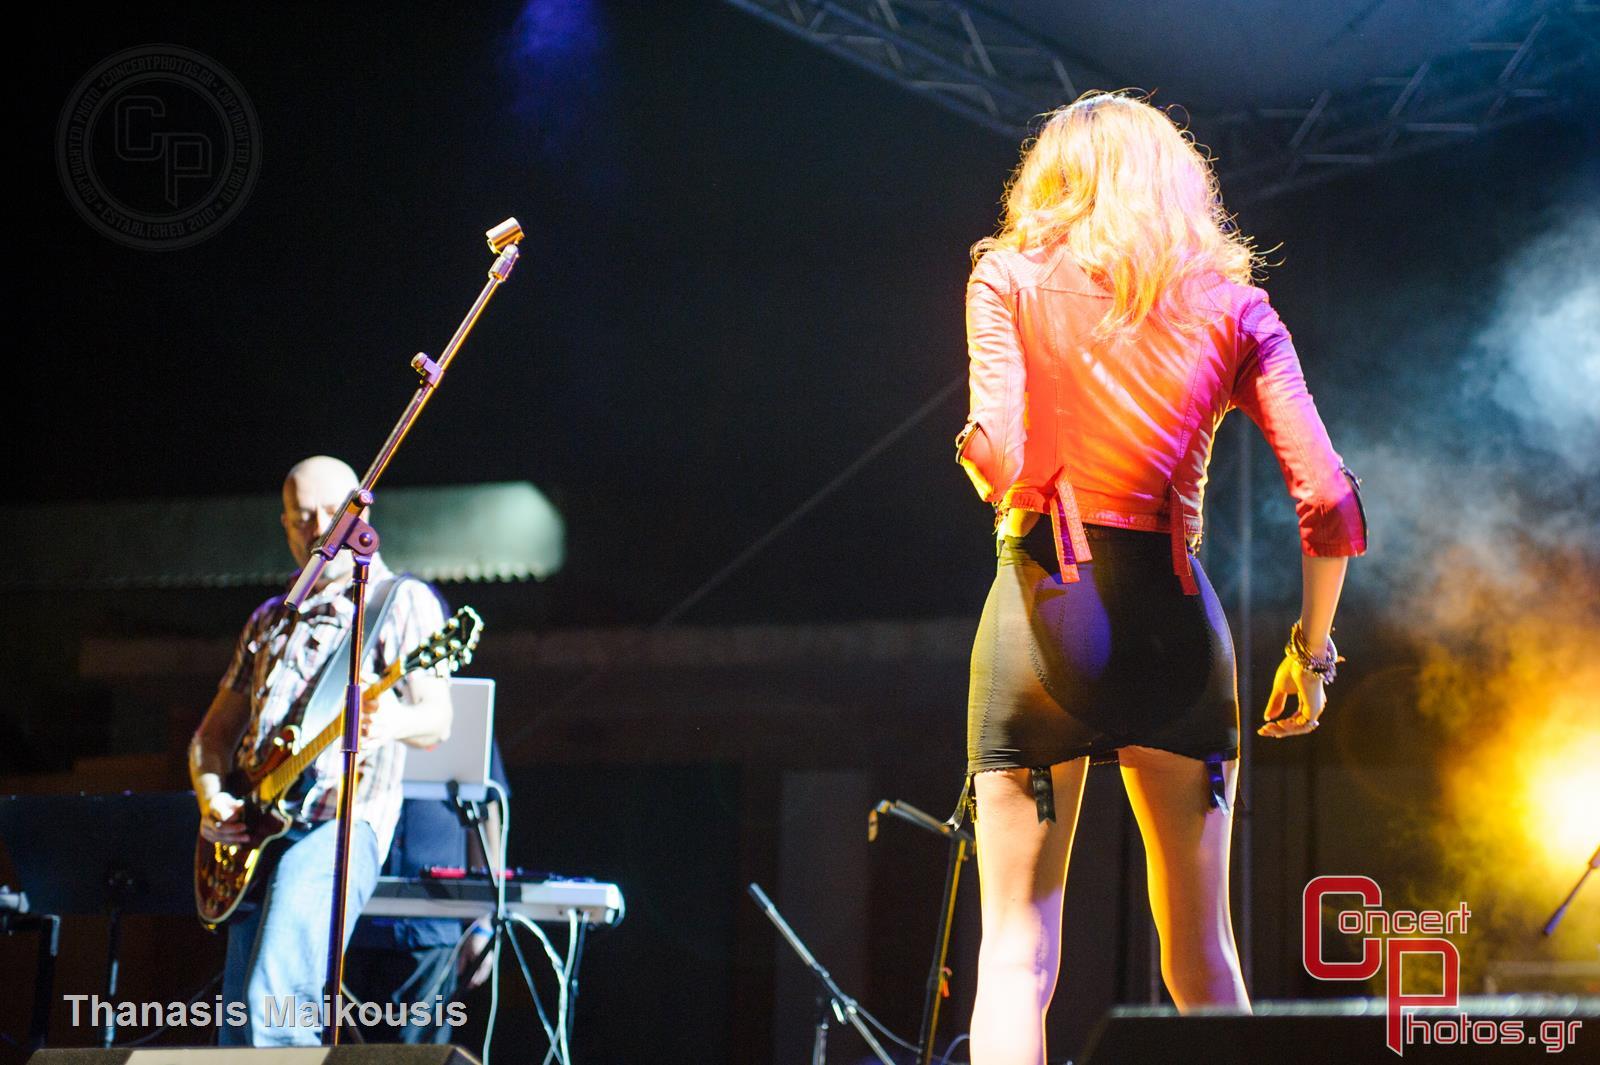 En Lefko 2014-En Lefko 2014 photographer: Thanasis Maikousis - concertphotos_20140621_22_40_26